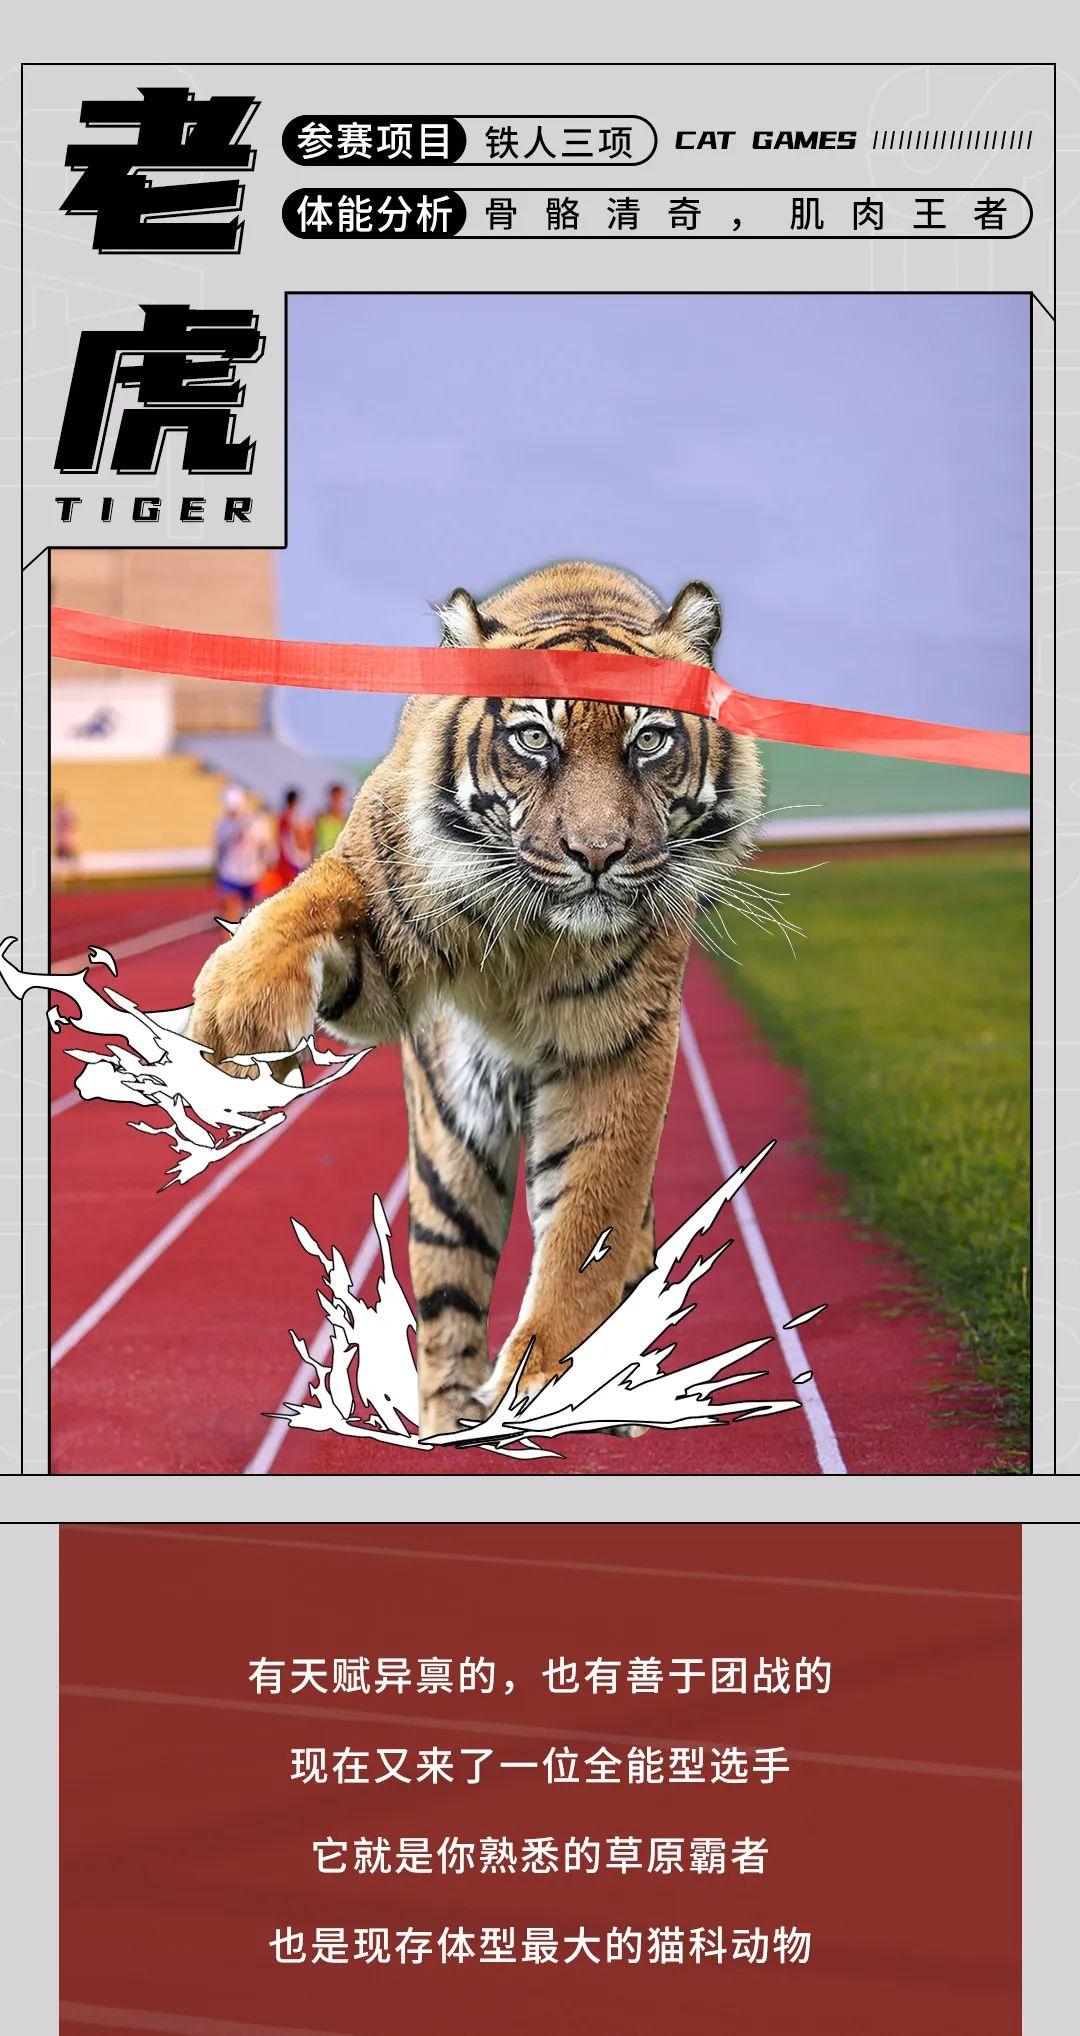 奥运会来了,动物界运动健将们也坐不住了